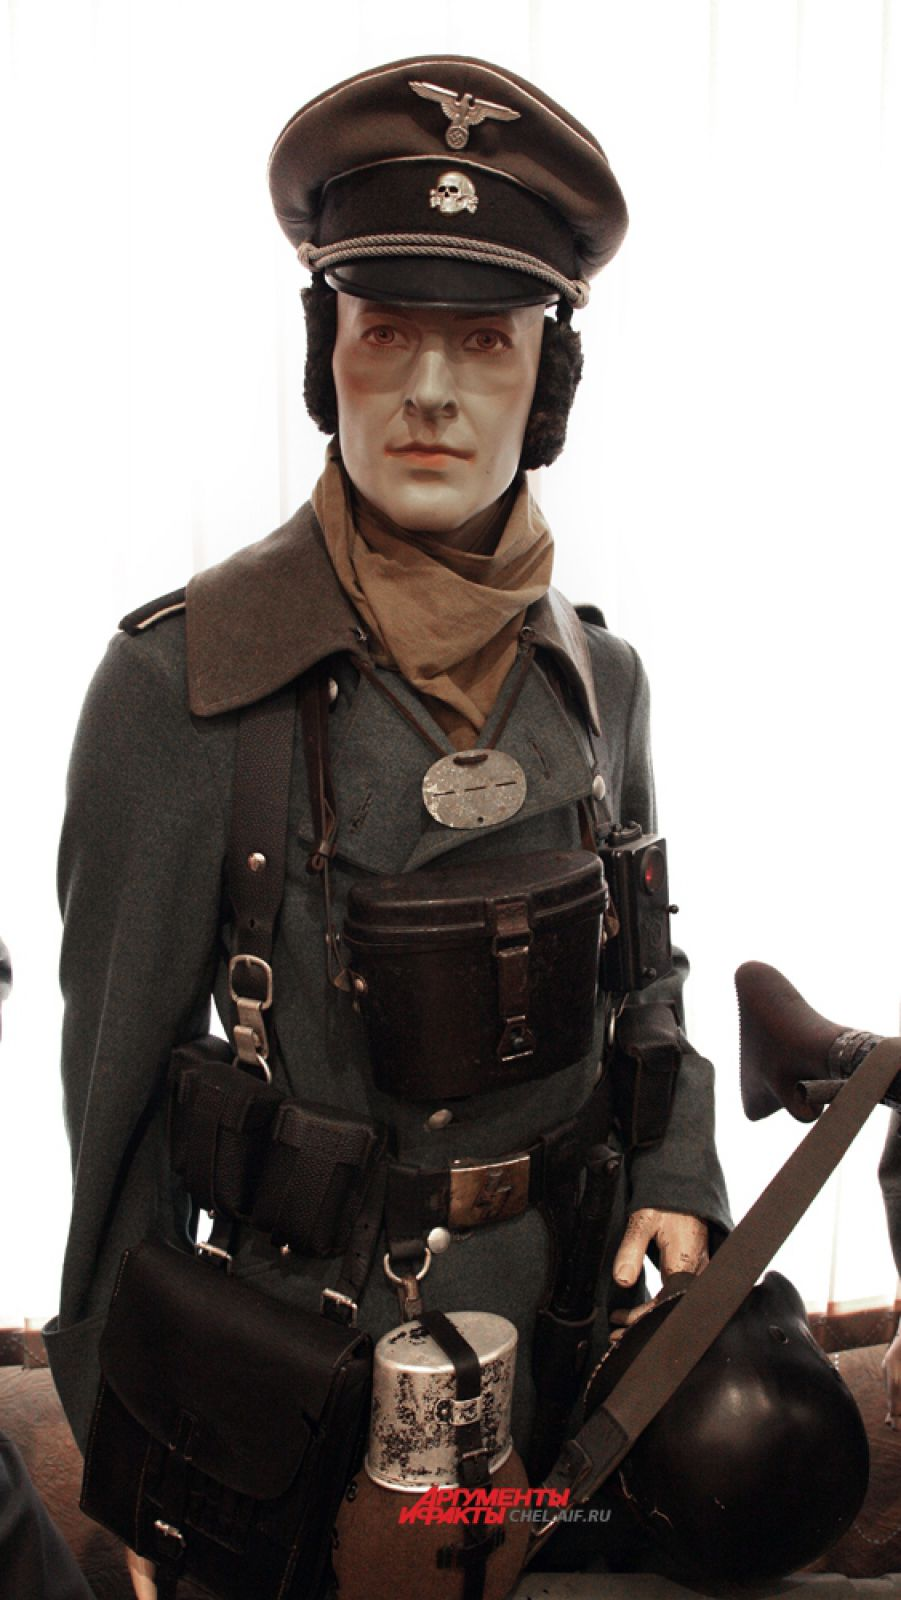 Рядовой солдат войск СС